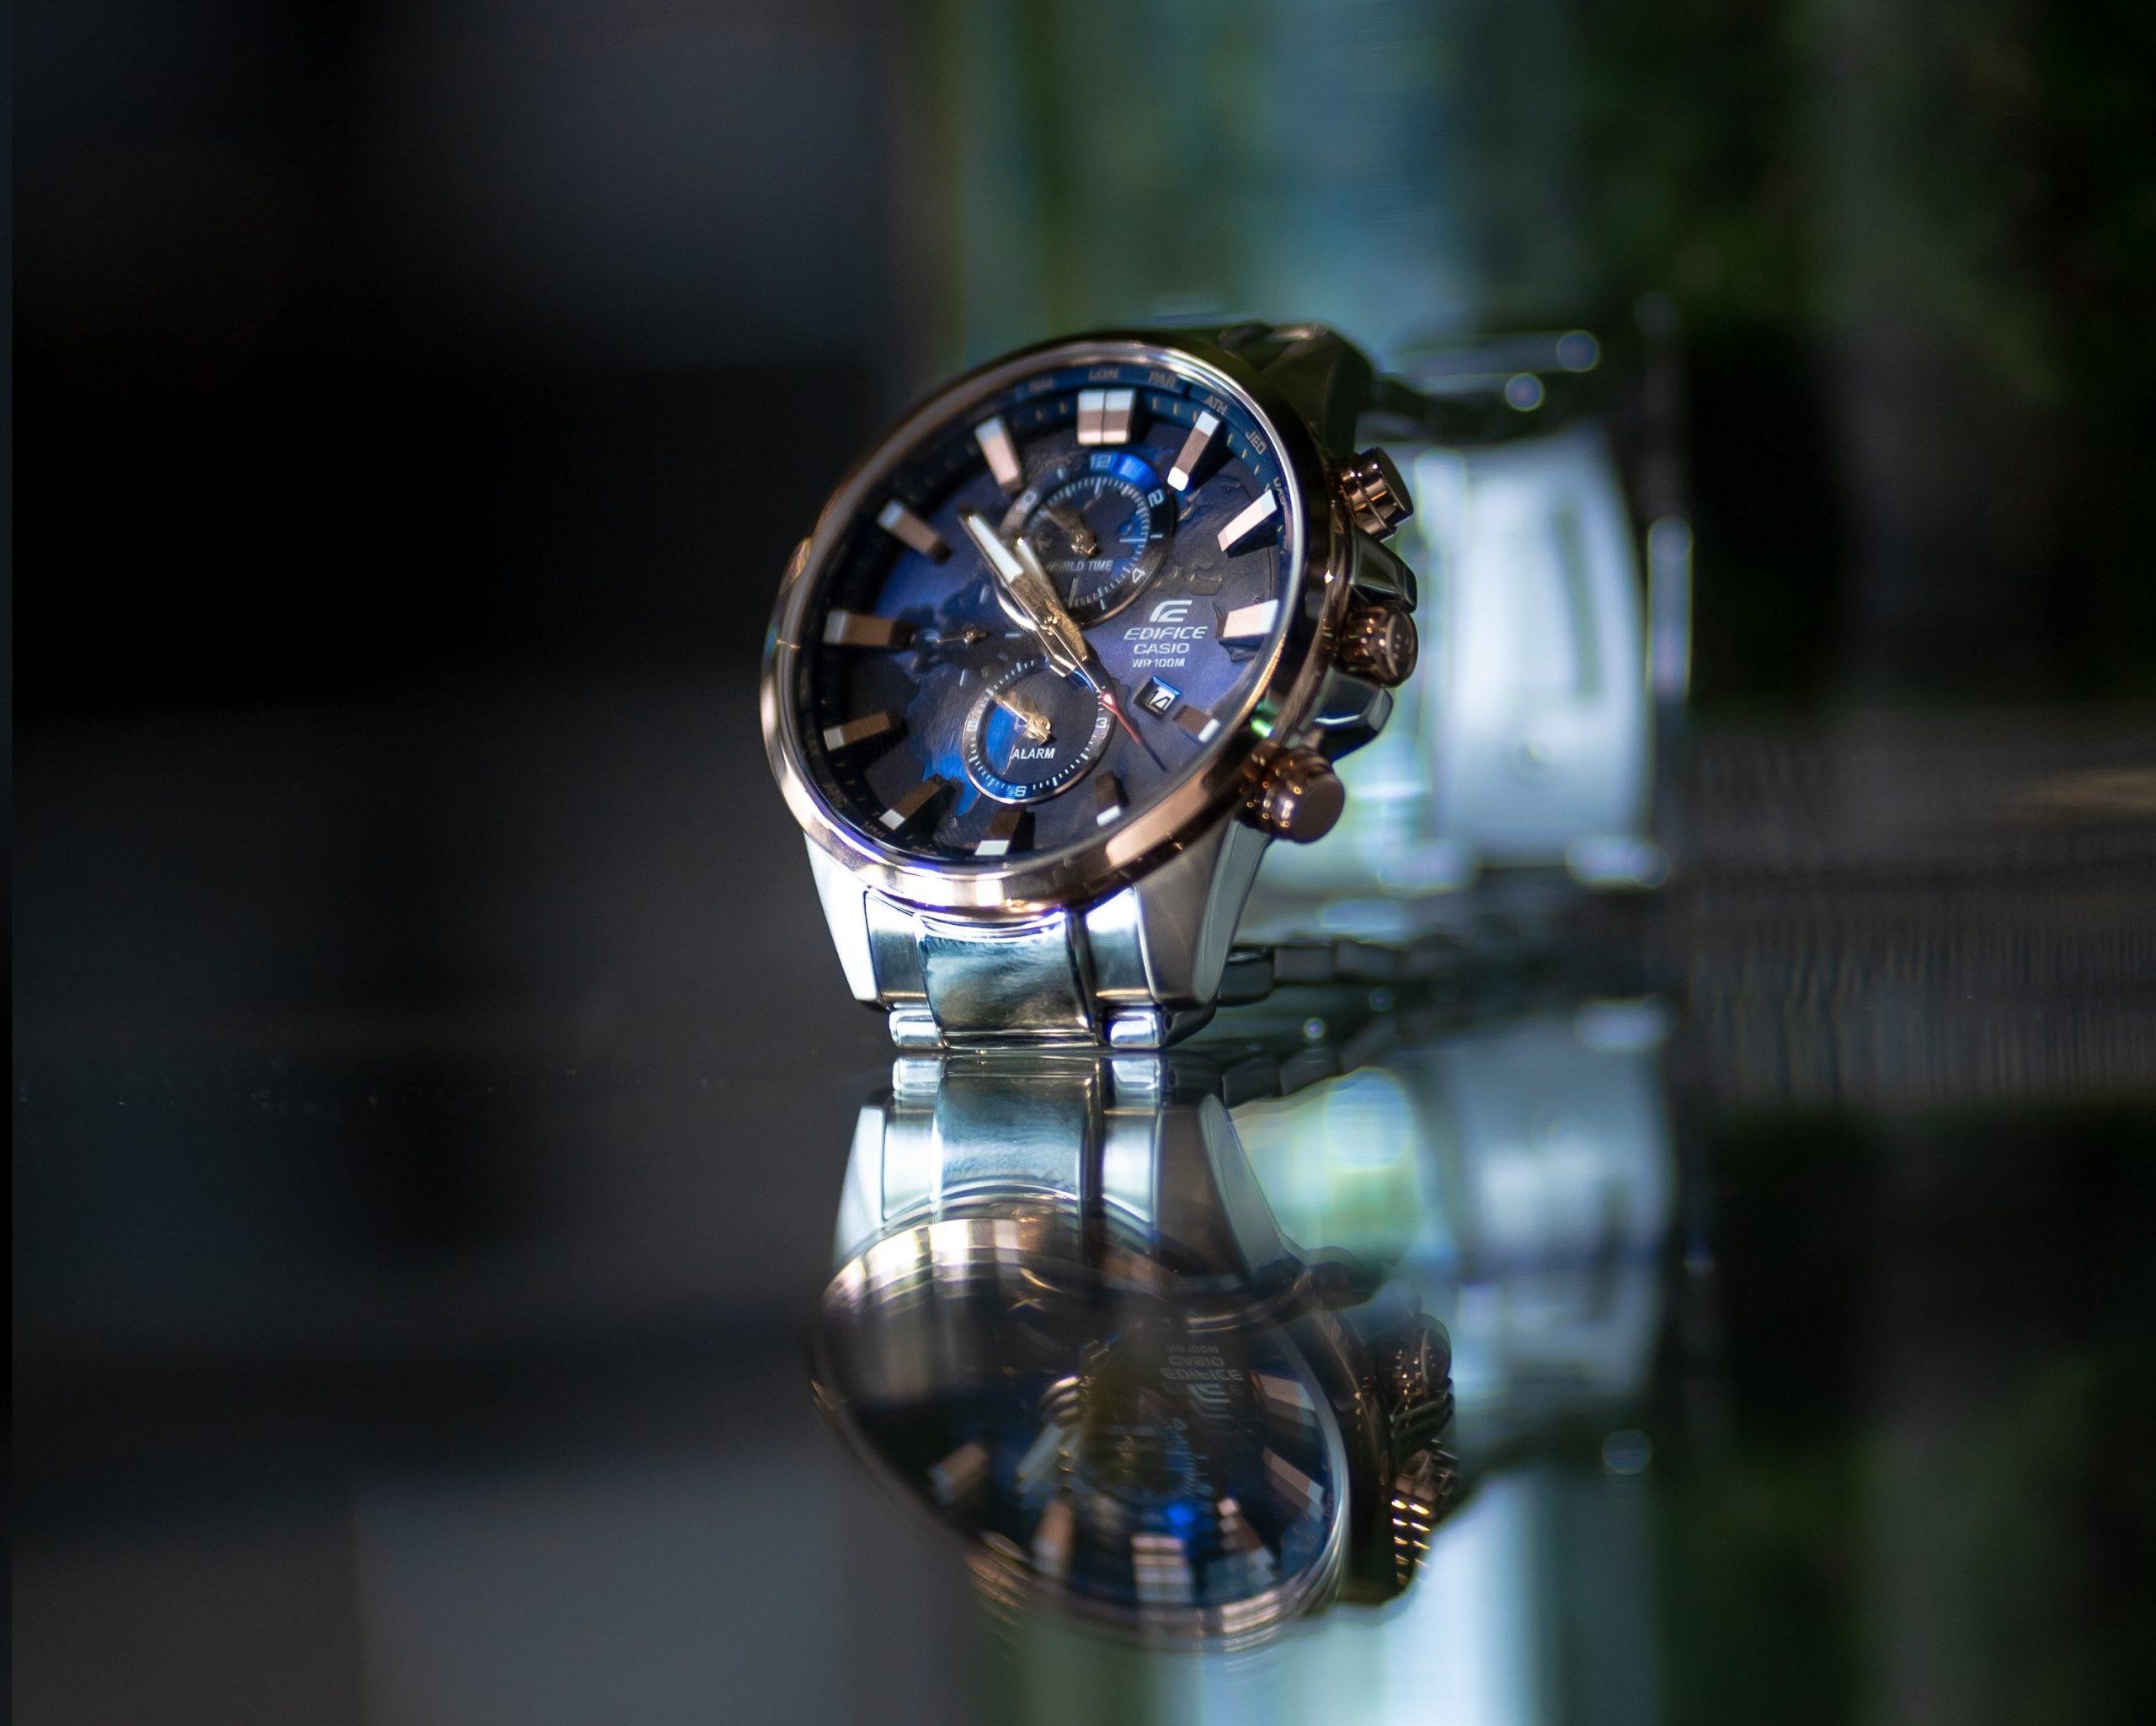 Zegarki Tissot – opinie, recenzja i rodzaje